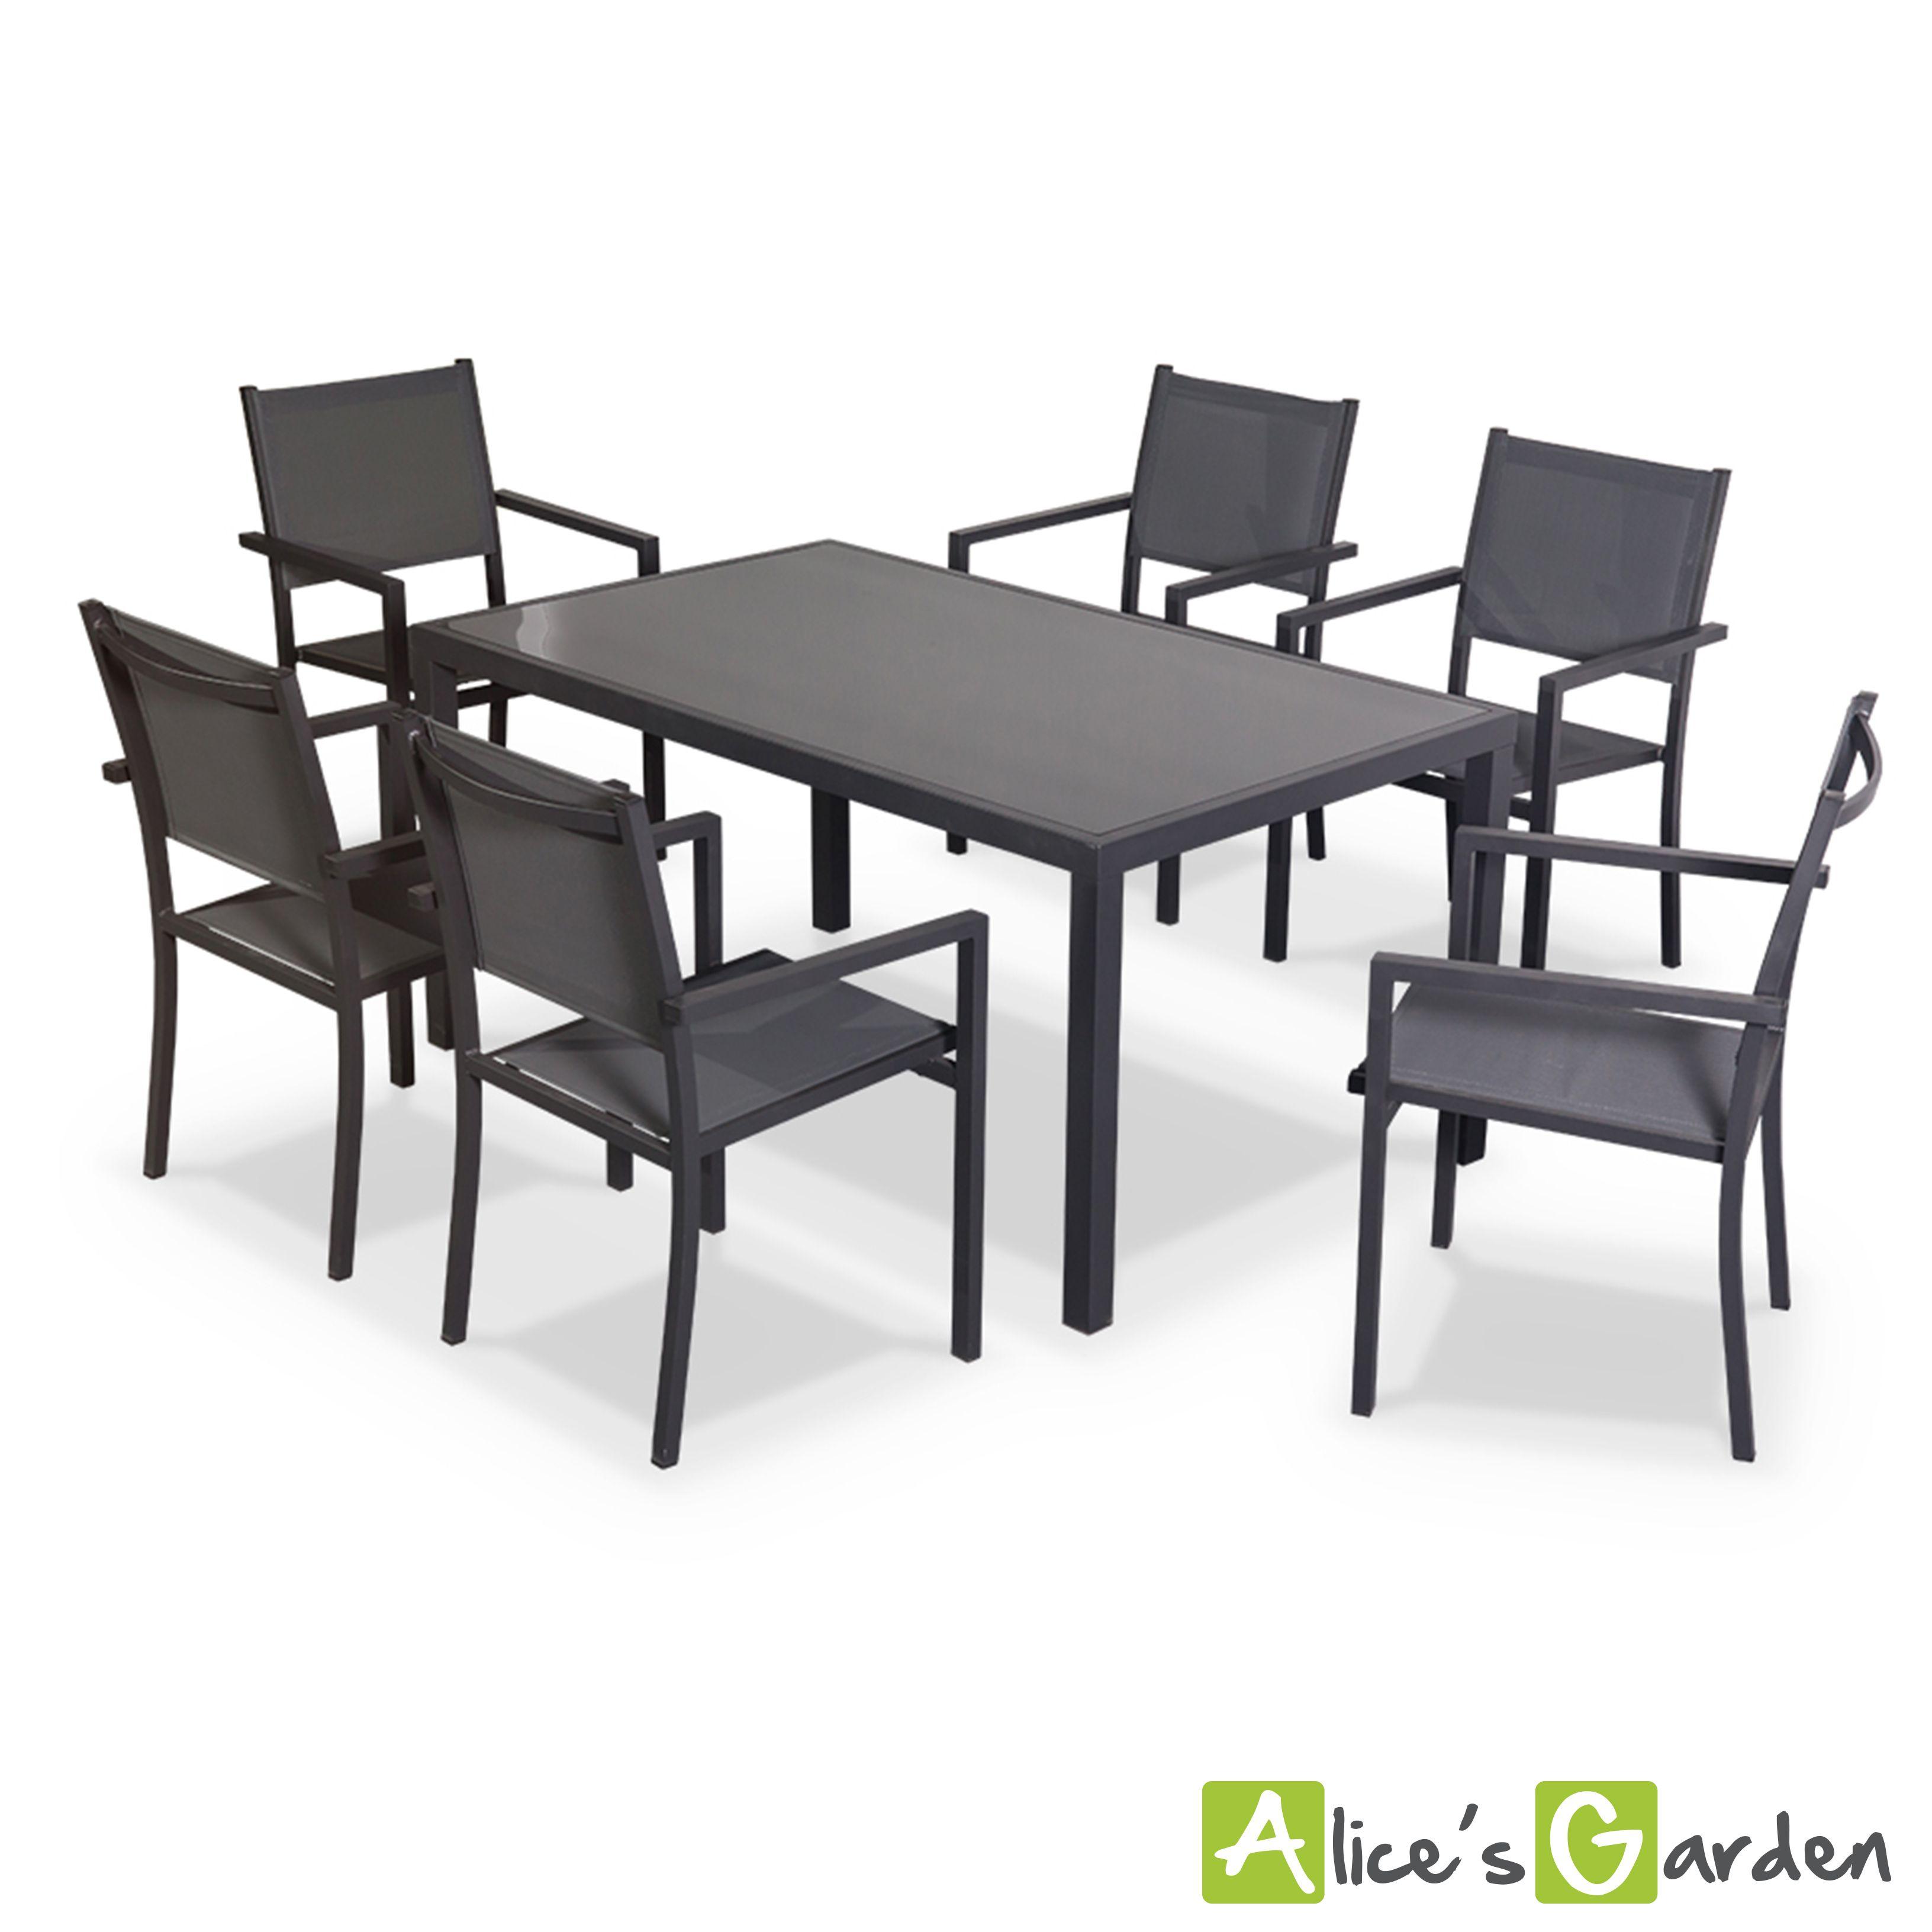 Capua : table de jardin en aluminium et textilène 6 places. http://www.alicesgarden.fr/mobilier-jardin/table/table-de-jardin-aluminum-et-textilene?selected=698